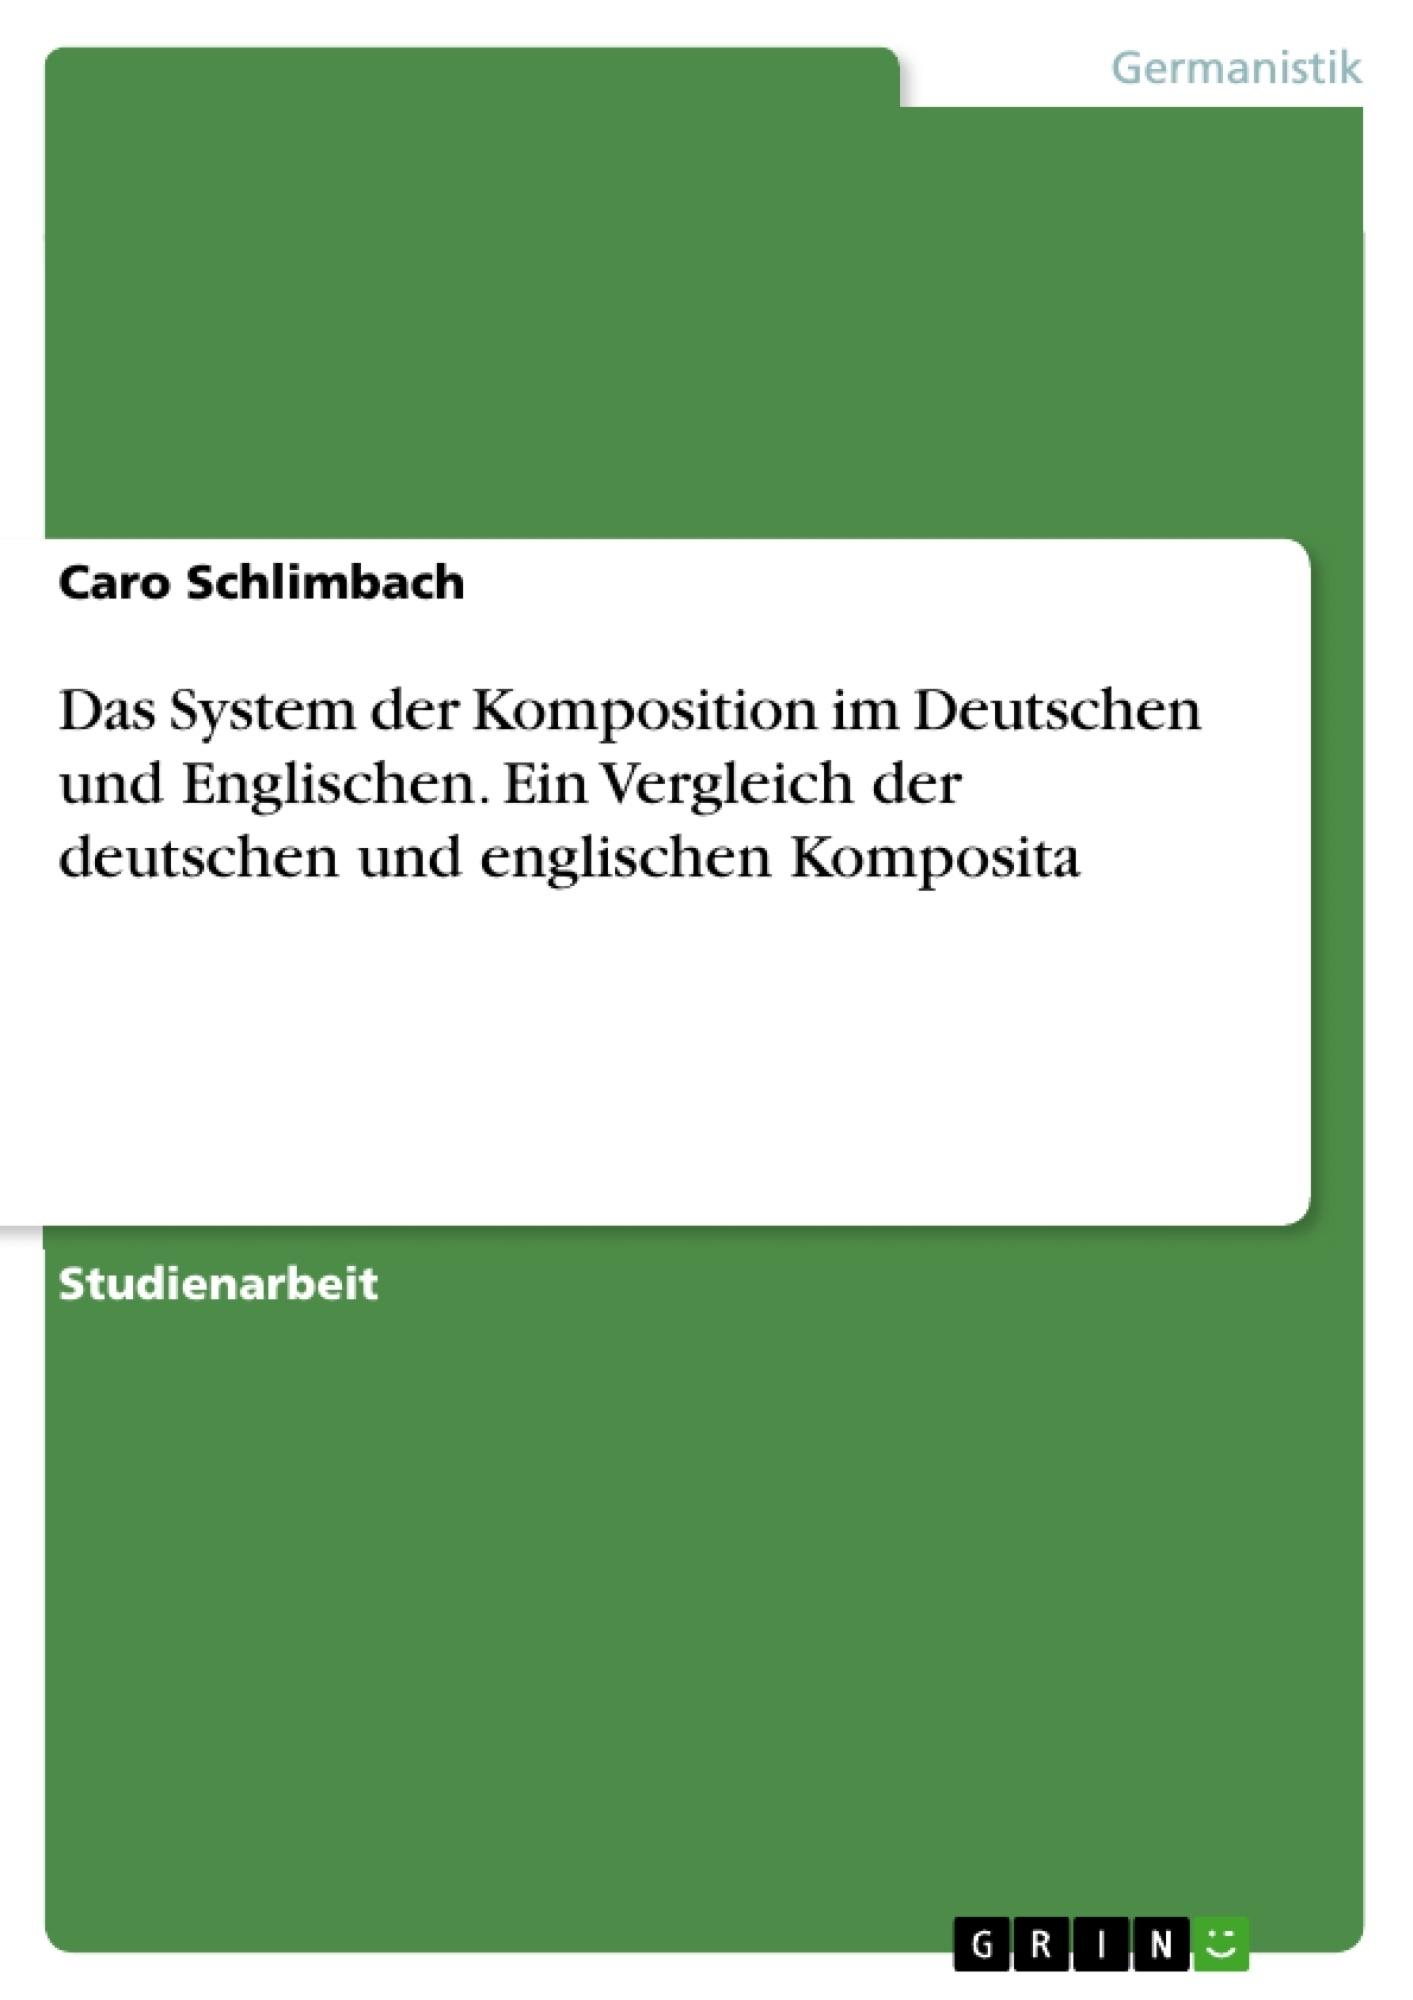 Titel: Das System der Komposition im Deutschen und Englischen. Ein Vergleich der deutschen und englischen Komposita